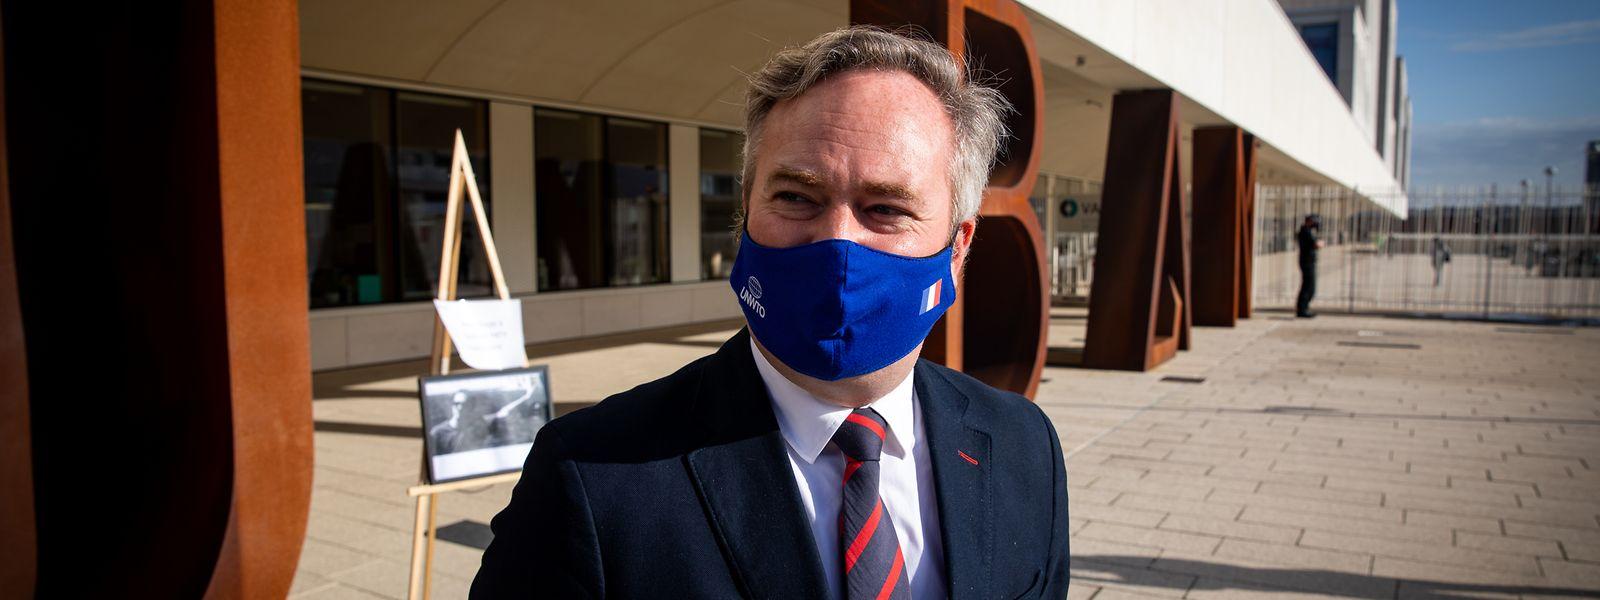 En après-midi, le secrétaire d'Etat doit rencontrer les élus consulaires, les représentants de la communauté française du Luxembourg.